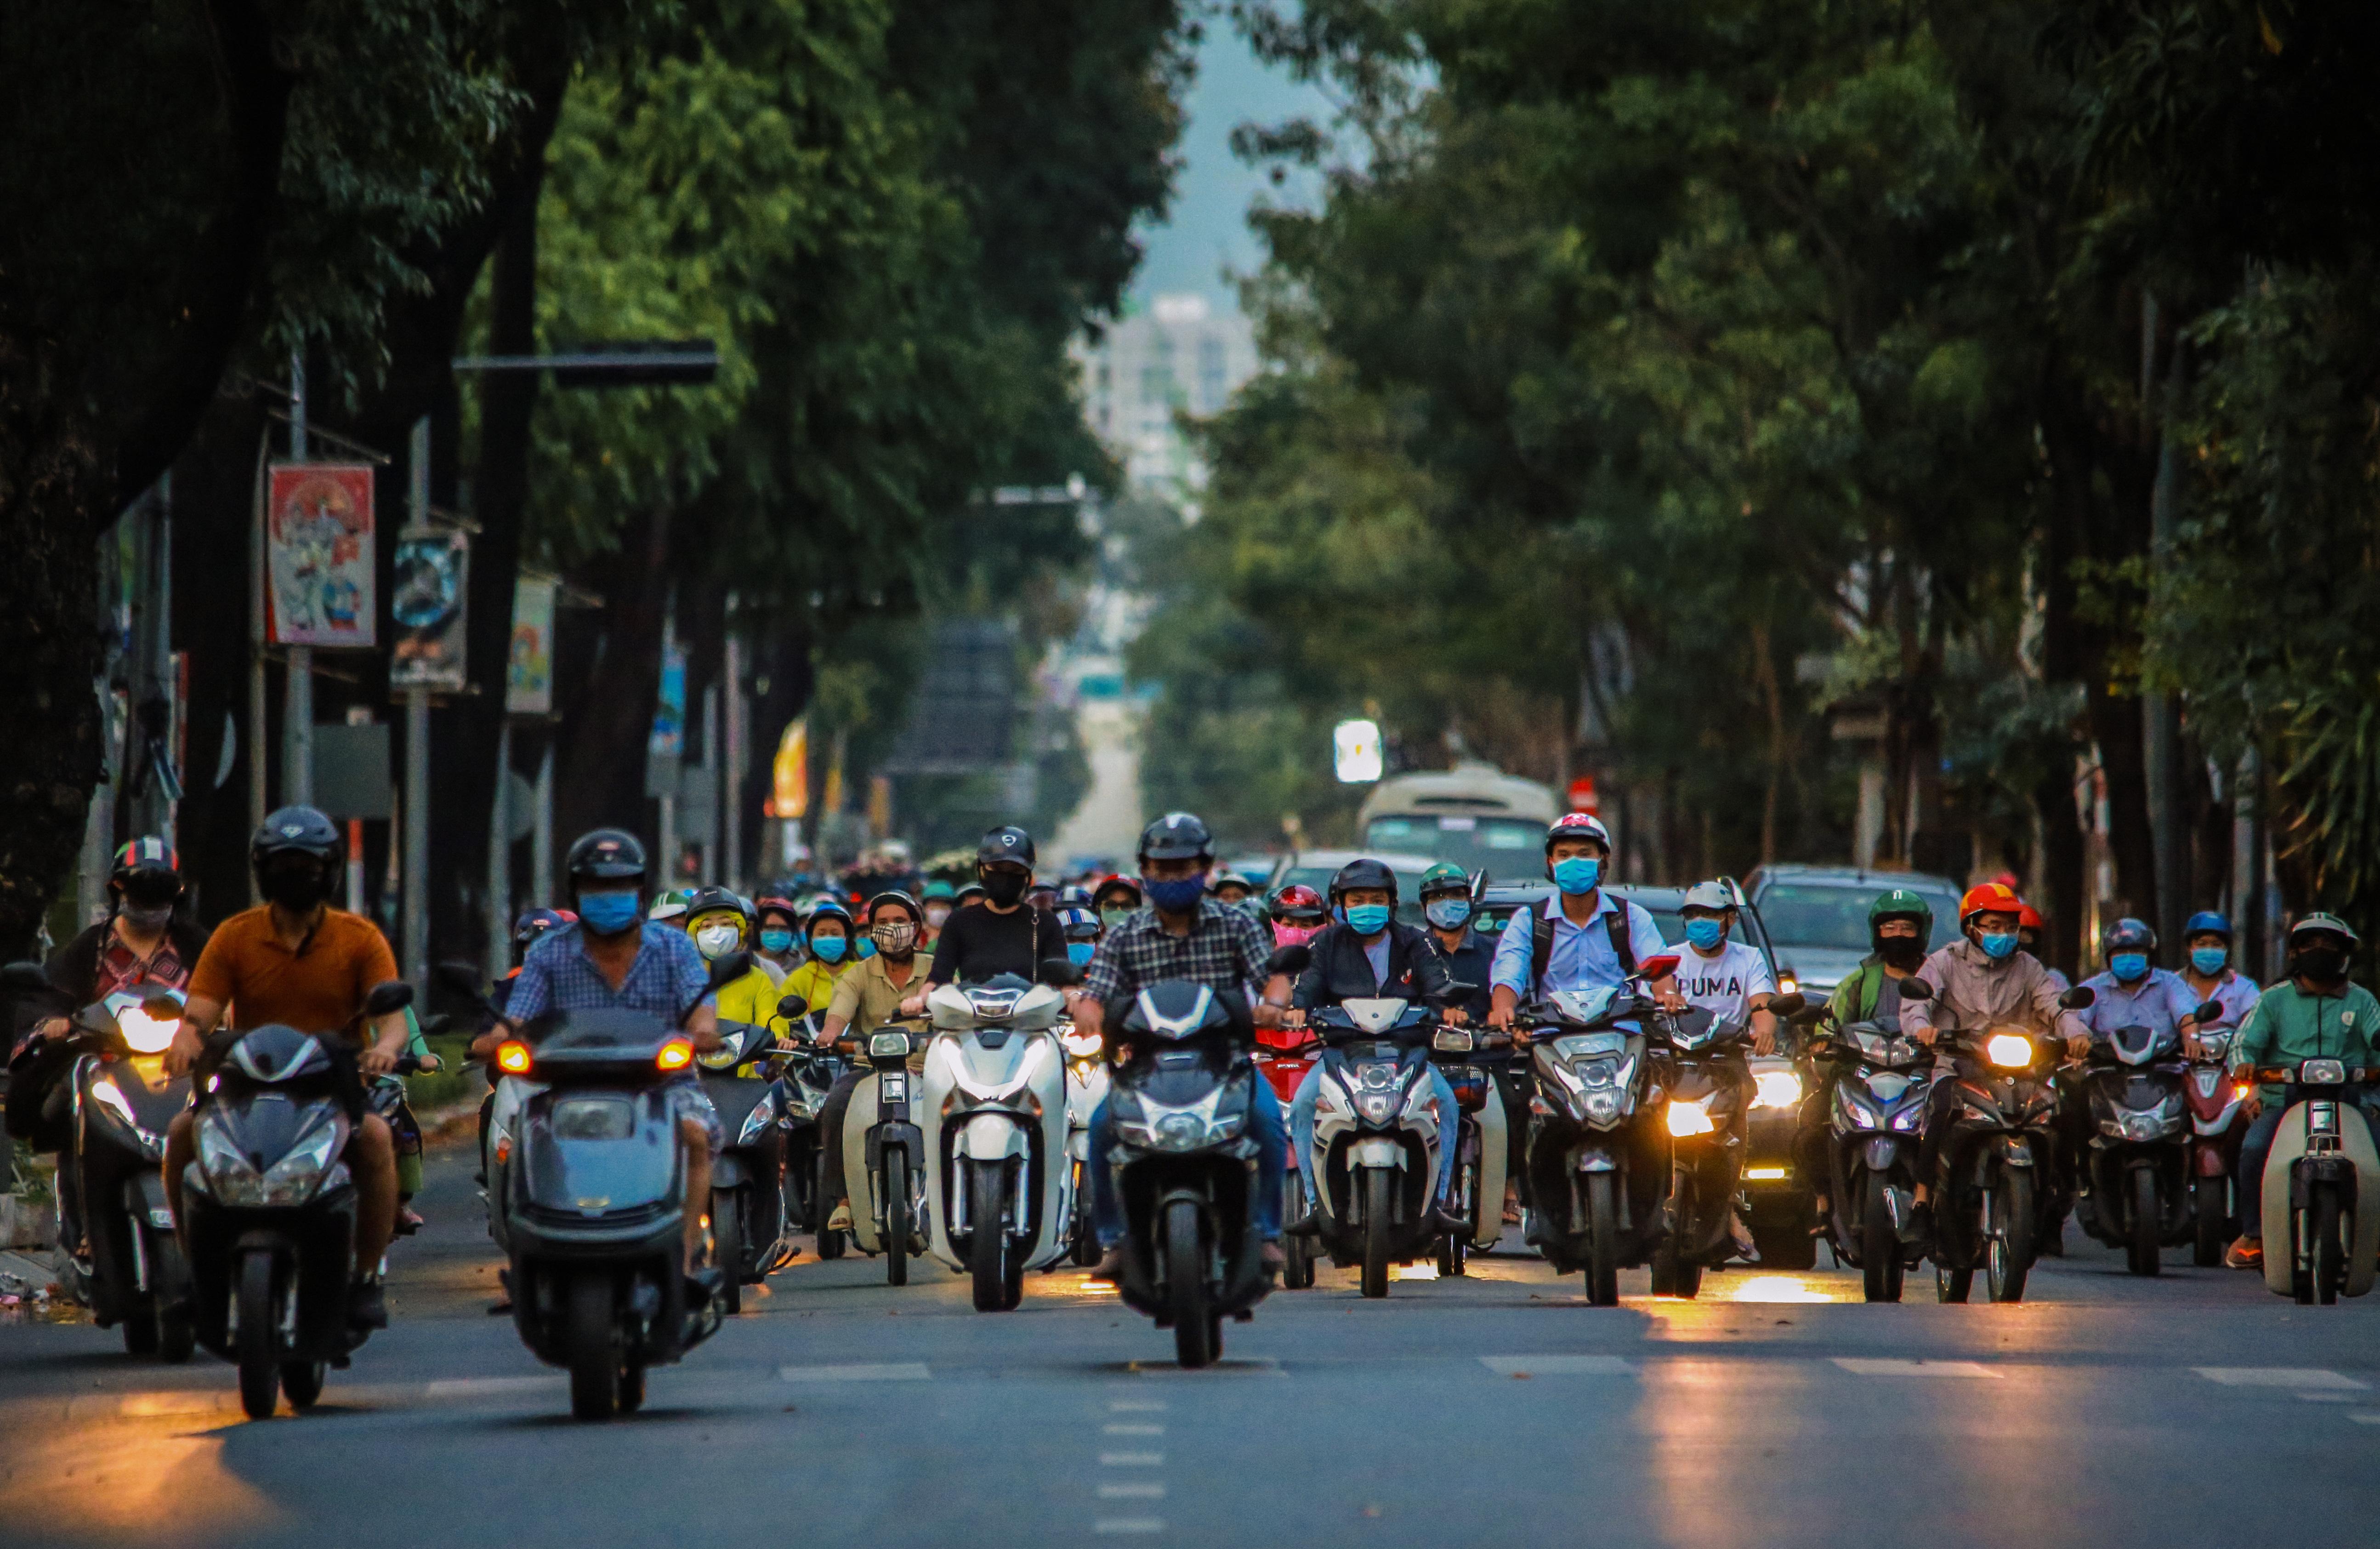 Sài Gòn đông đúc khi sắp kết thúc đợt cách ly toàn xã hội 14 ngày - Ảnh 7.